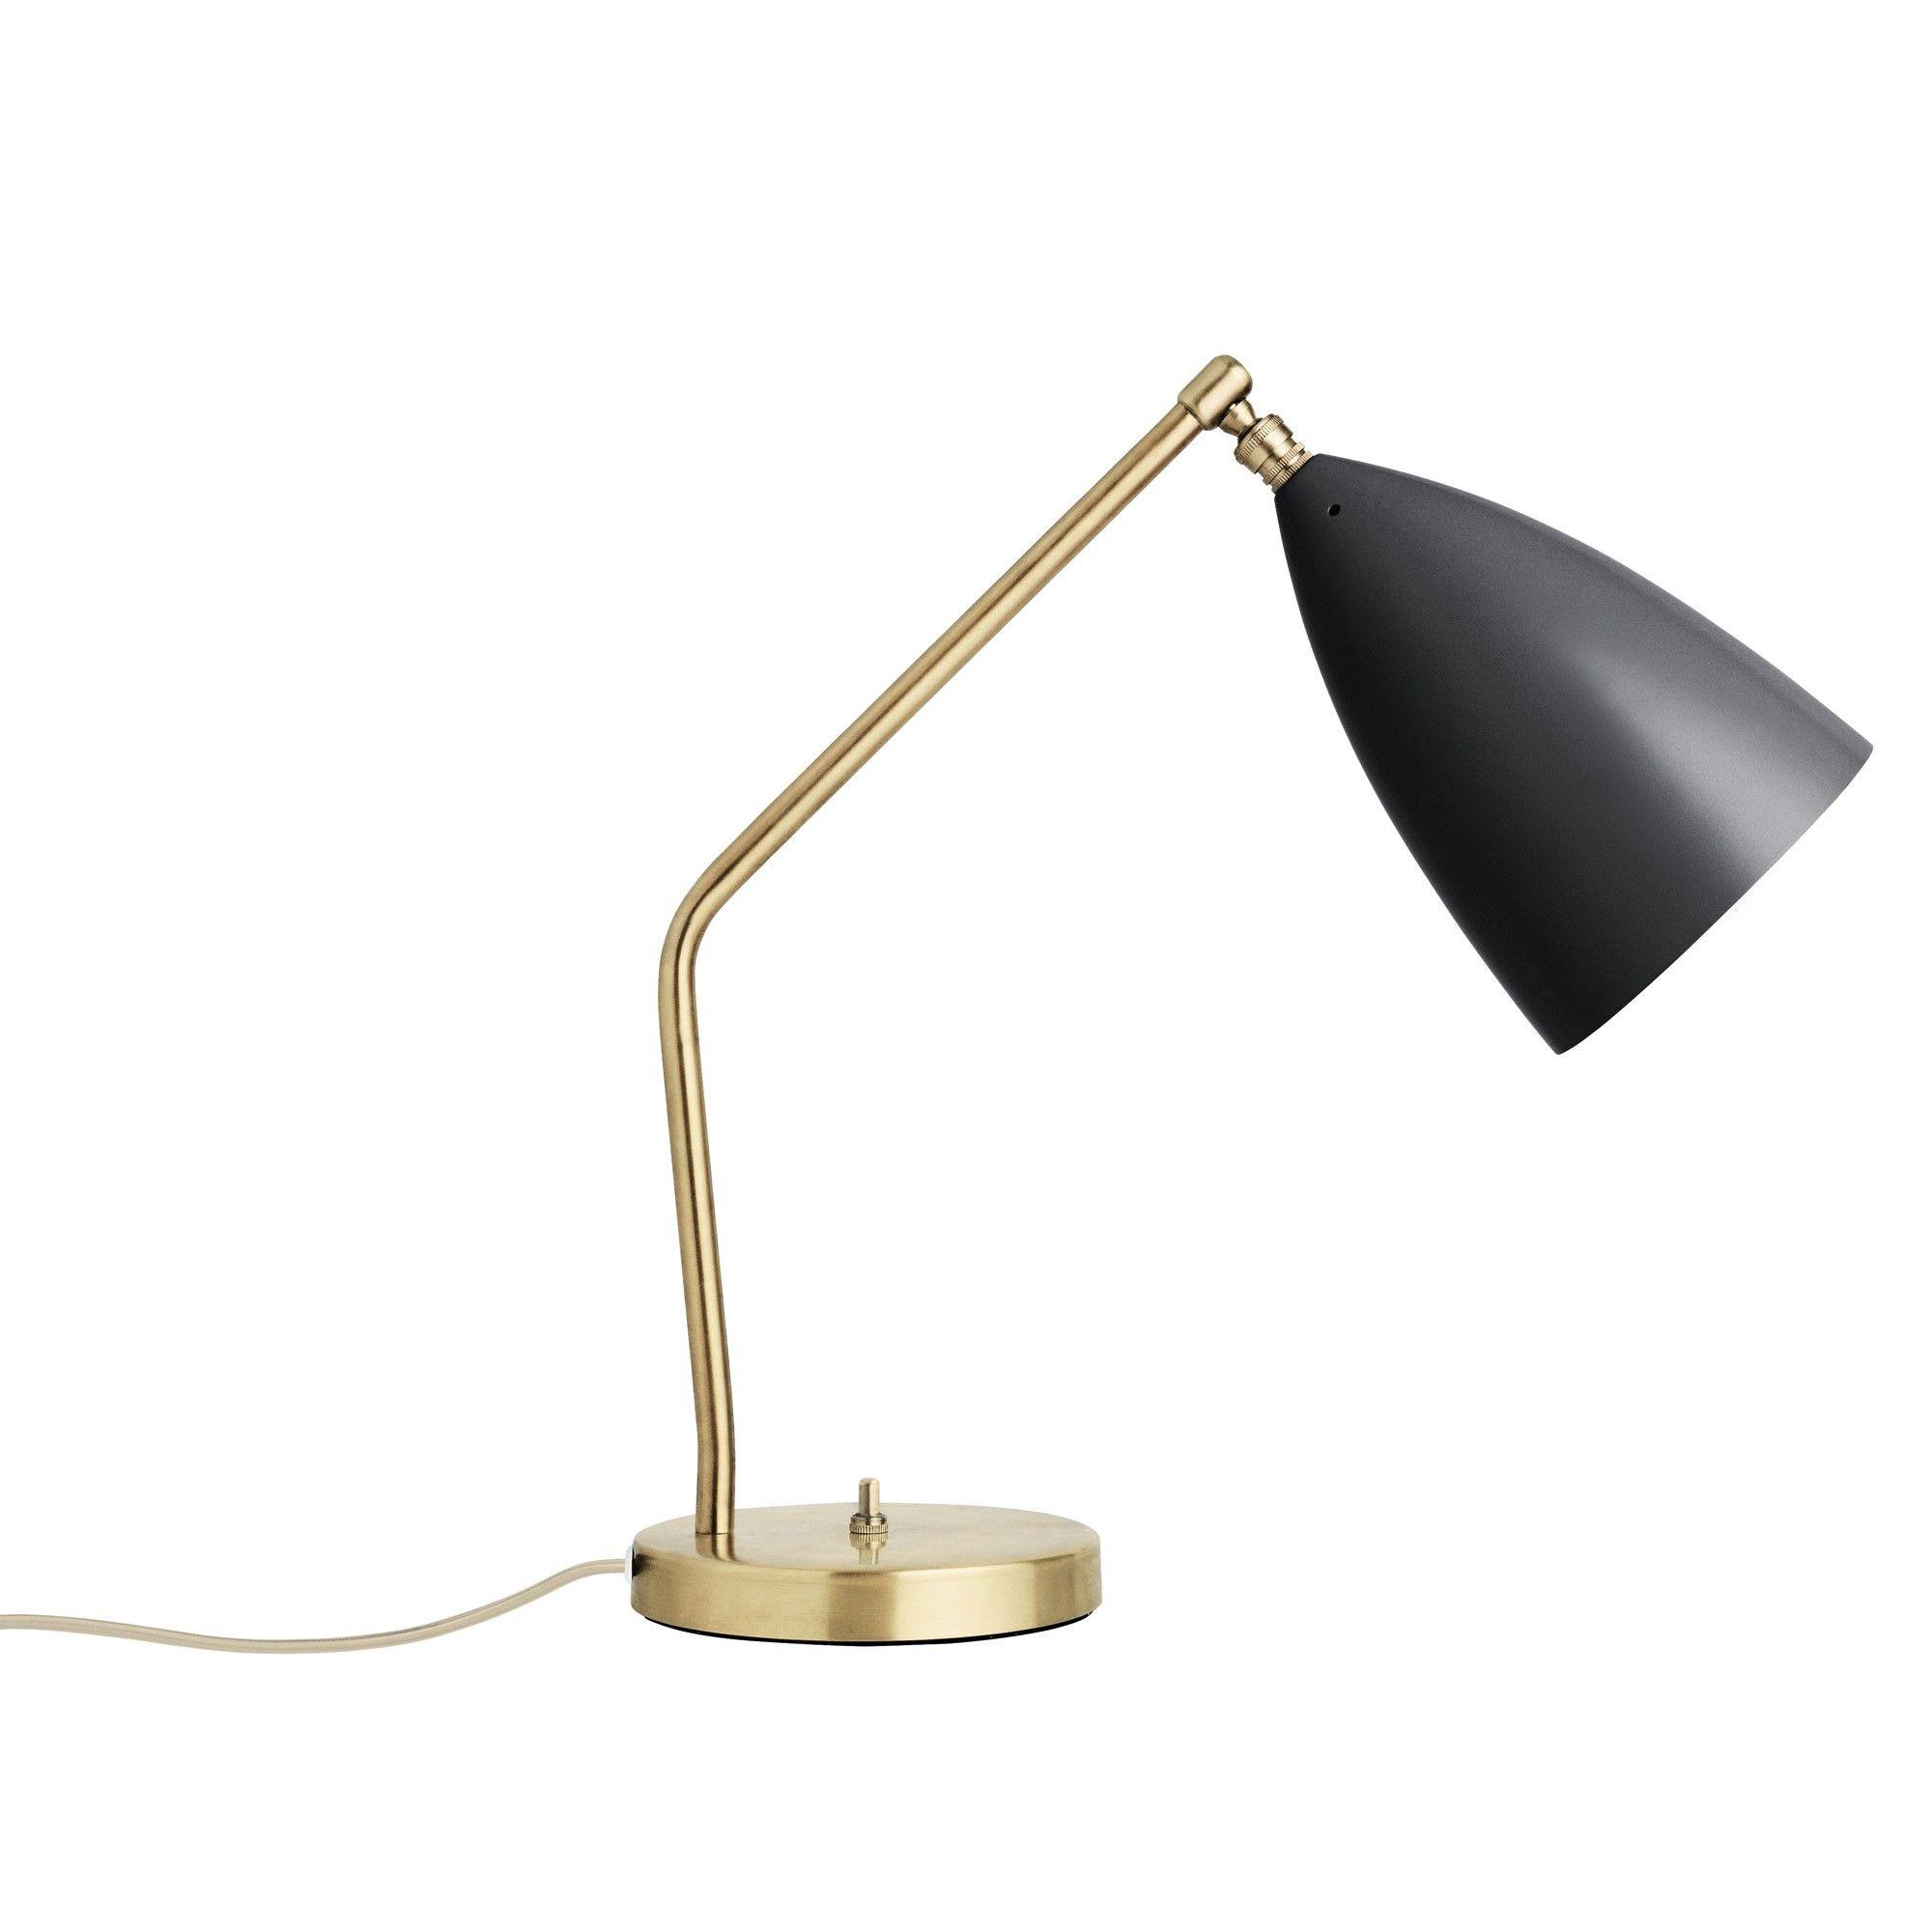 Grasshopper task table lamp